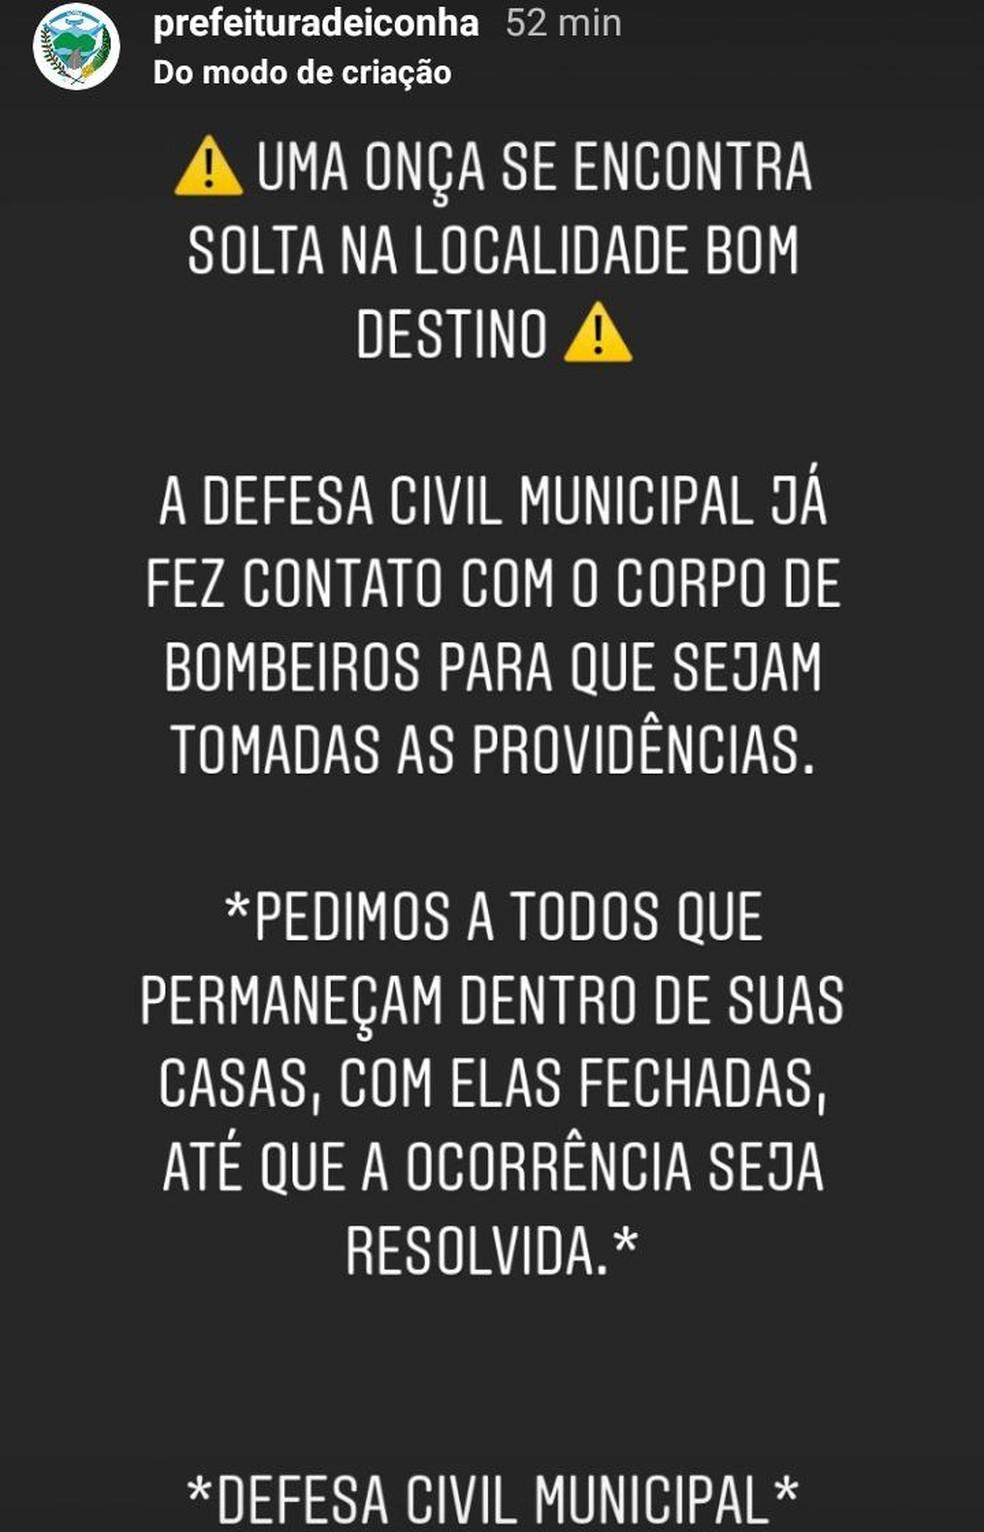 Defesa Civil de Iconha fez aviso sobre onça  — Foto: Reprodução/Instagram